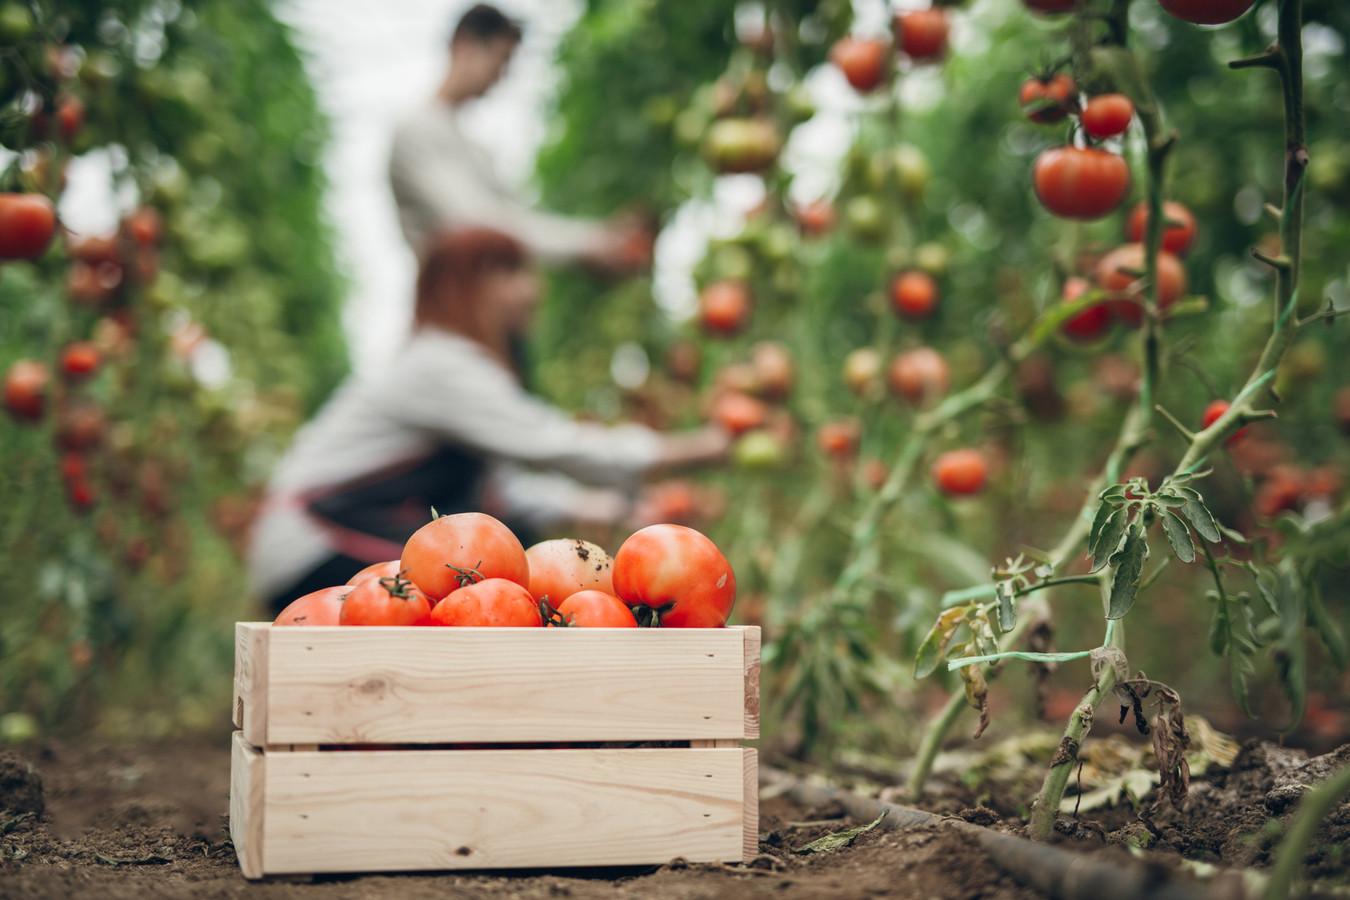 Met name in het zuiden van Italië gaat er veel mis bij de tomatenteelt en worden arbeidsmigranten vaak uitgebuit.